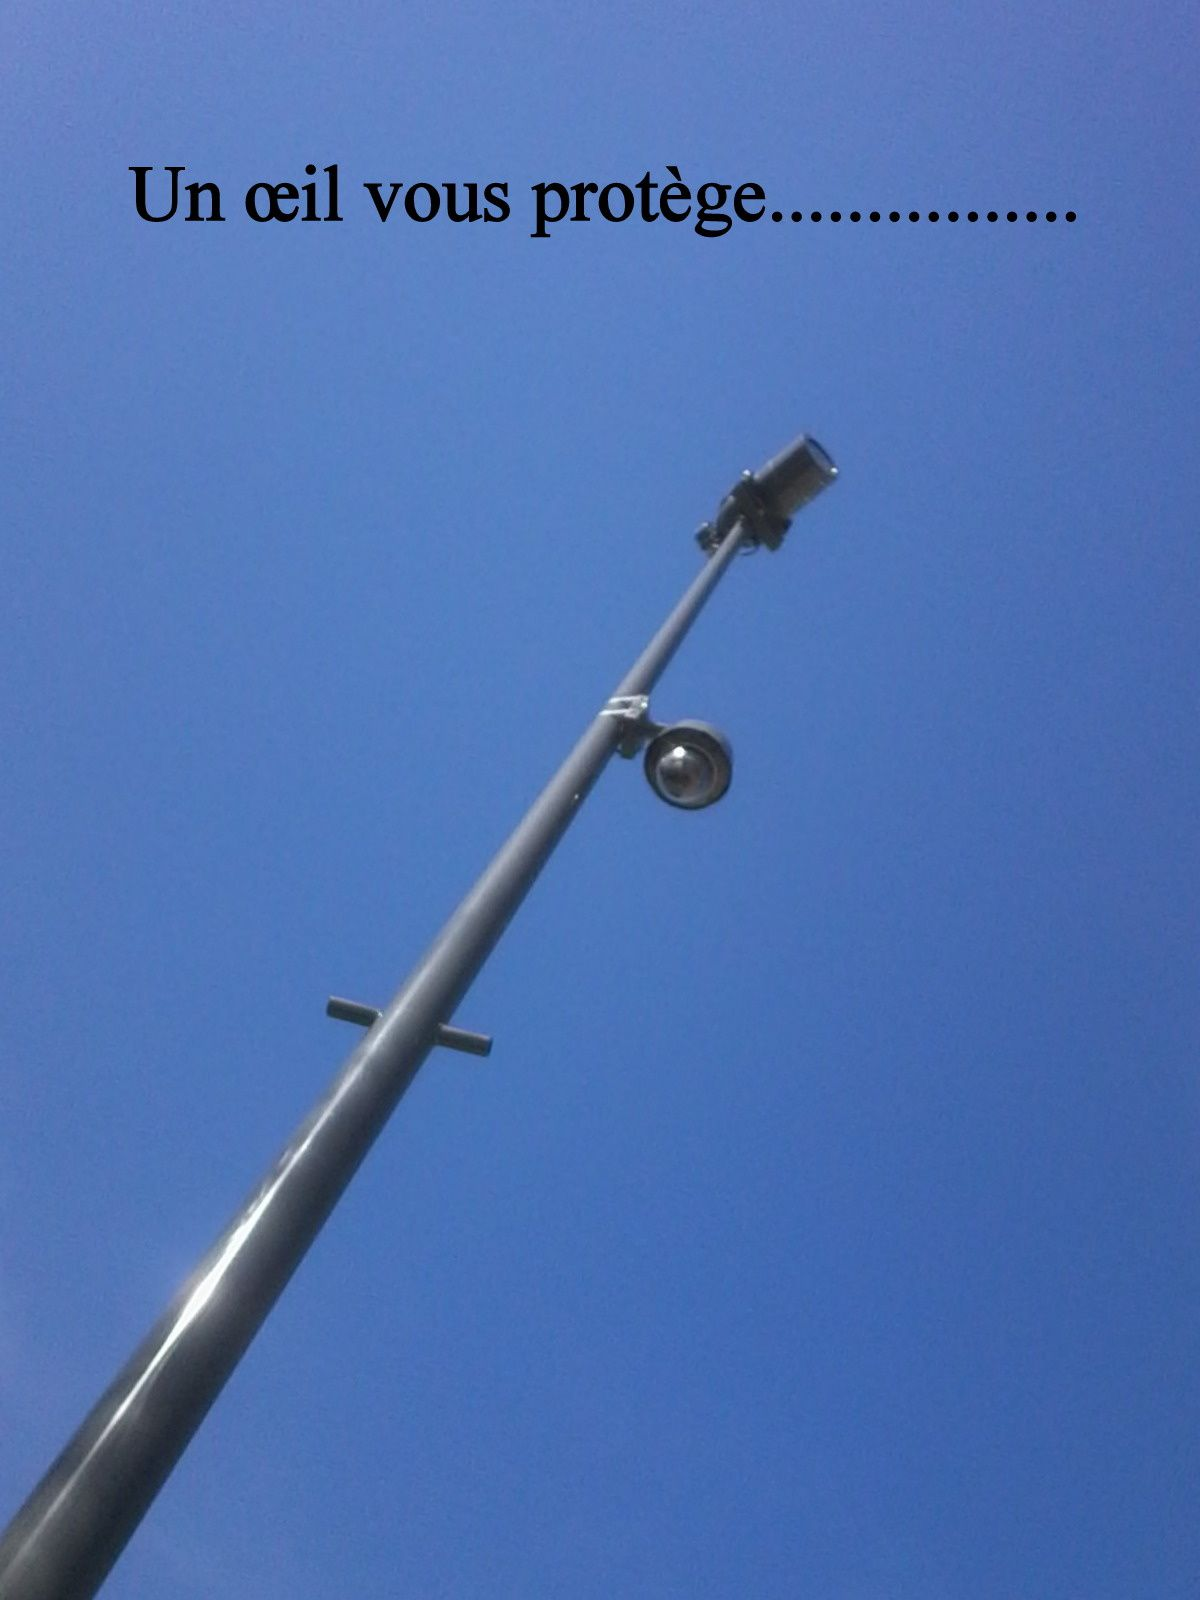 La ville de Saintes est équipée de caméras de surveillance. Certes cela ne fera pas spécialement intervenir à temps la police, mais c'est dissuasif et cela permettra d'avoir des éléments sur les auteurs de délits ou crimes.  A quelques-pas de cette caméra au jardin public un autre mystère....... Quel en est l'auteur...? Faudra demander aux caméras...:!